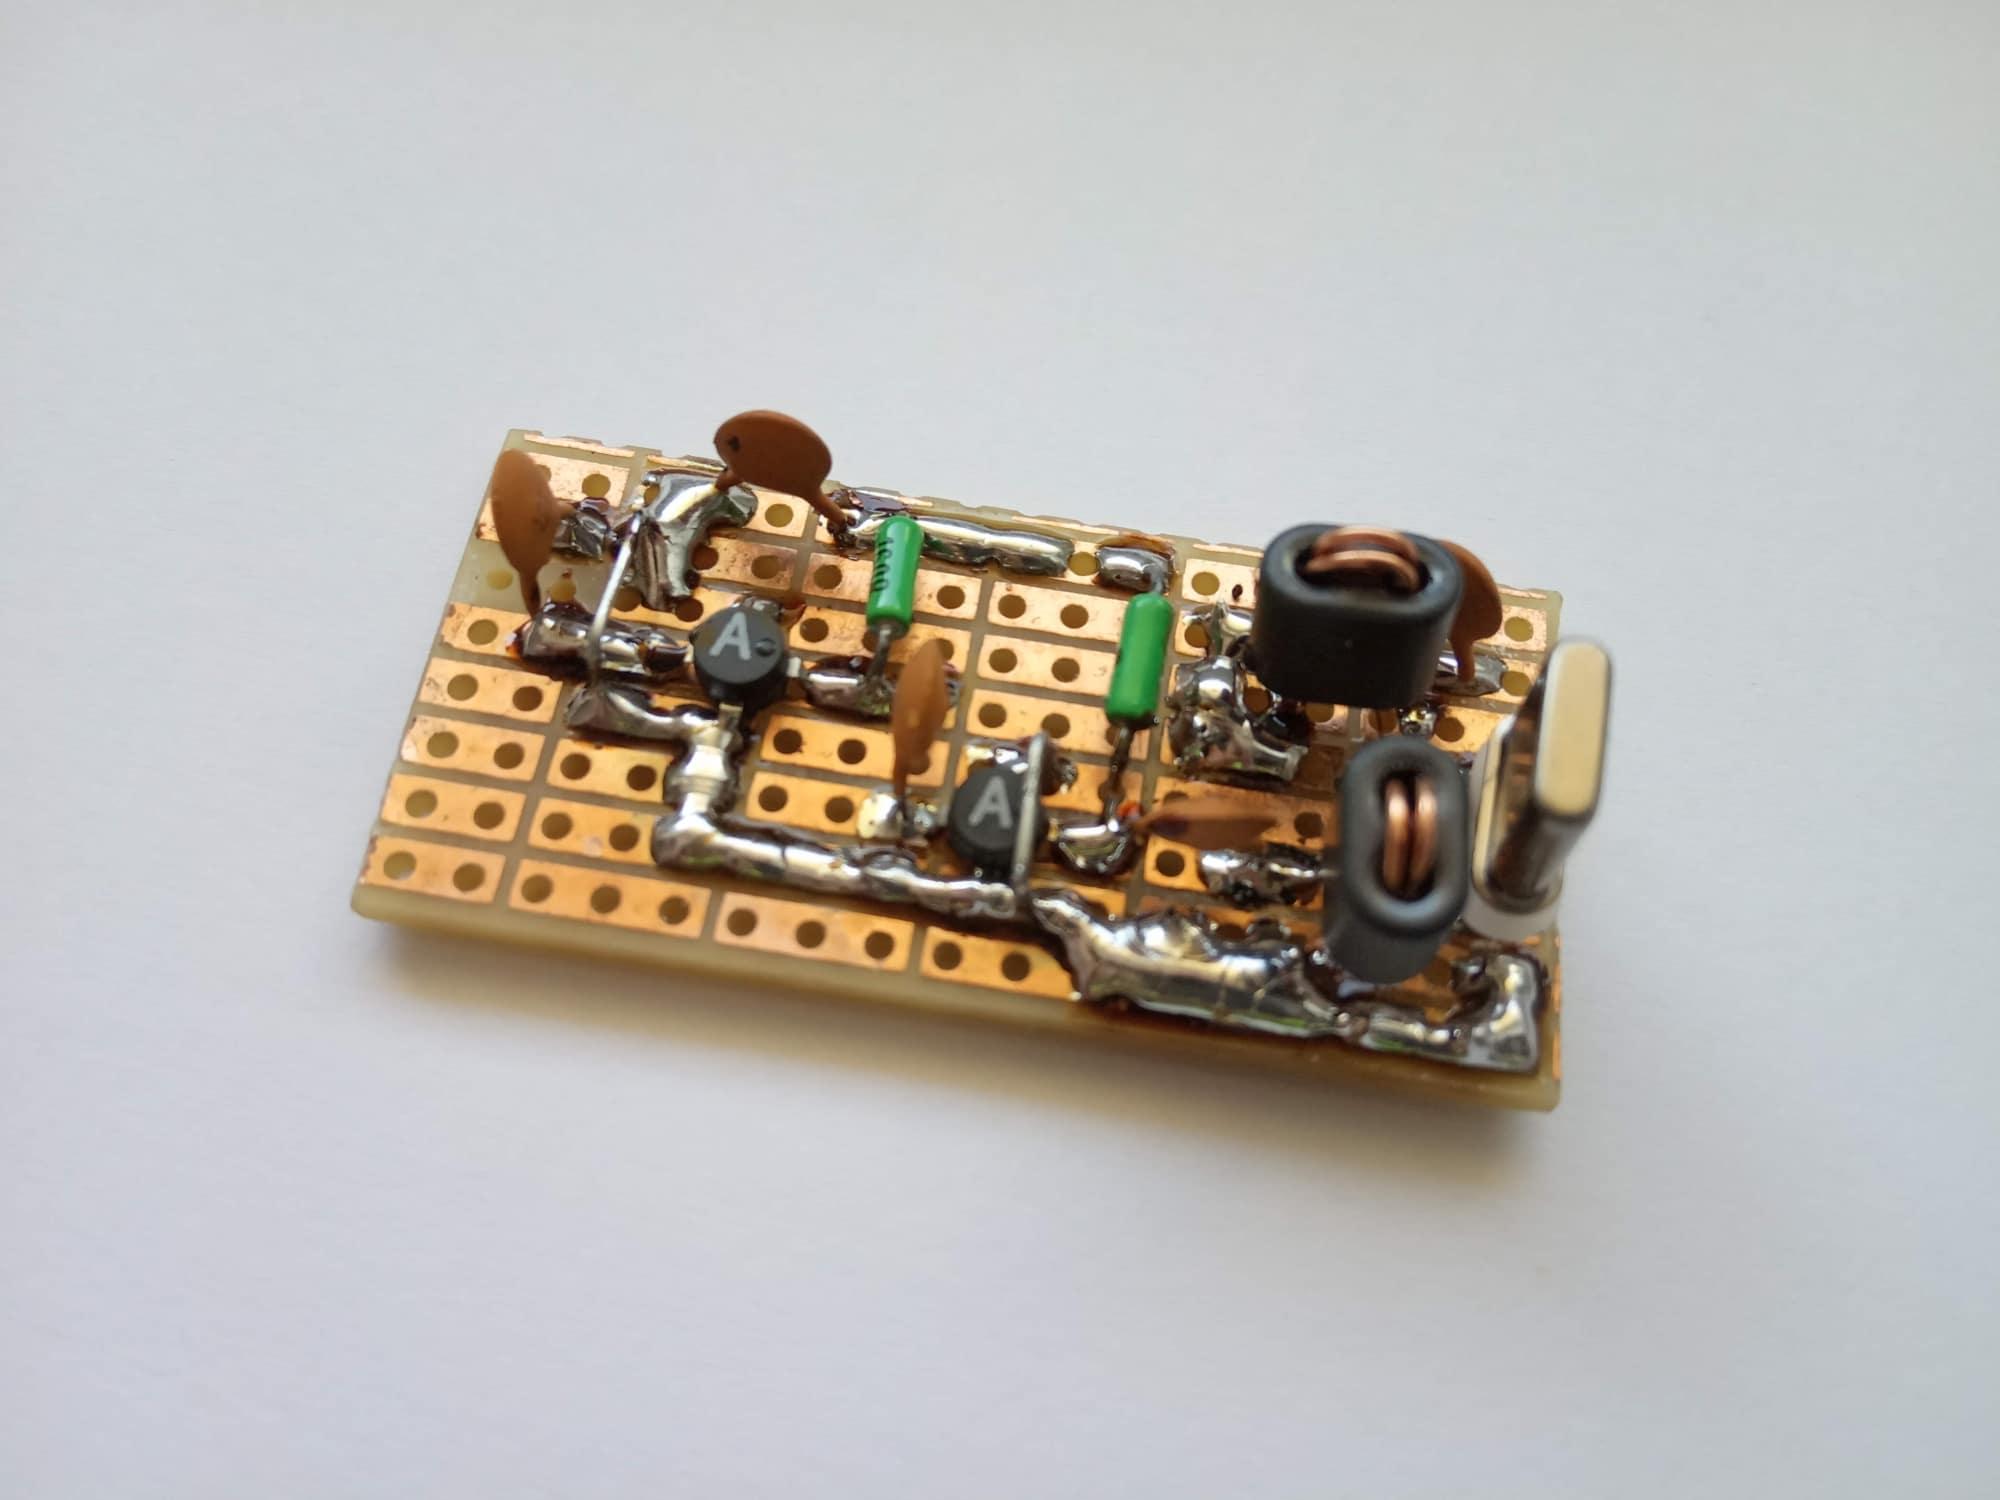 Connexion originale uBITX des produits IMD